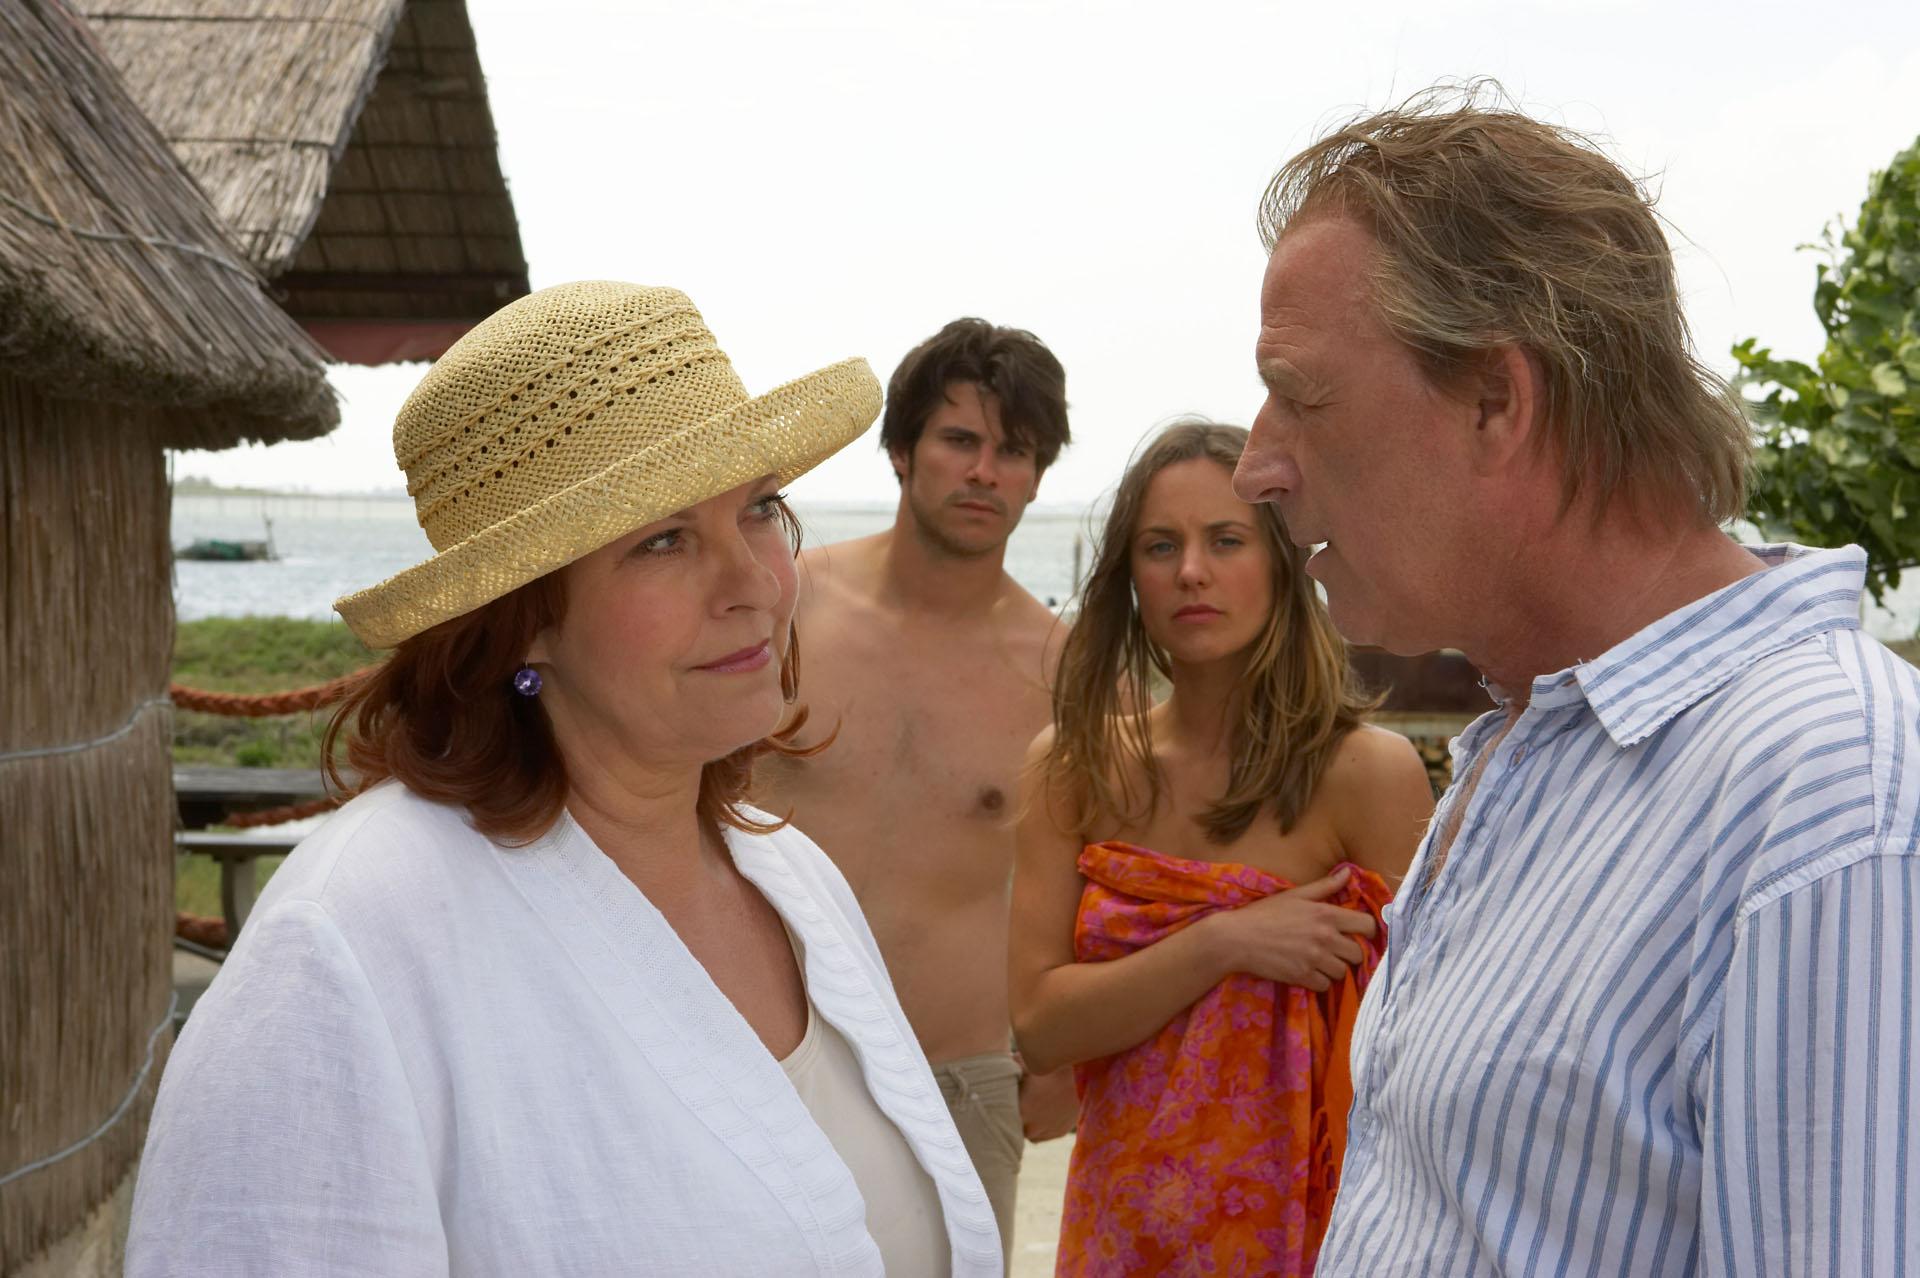 © Star*Film - Elfi Eschke, Philip Leenders, Ina-Alica Kopp, Alexander Goebel